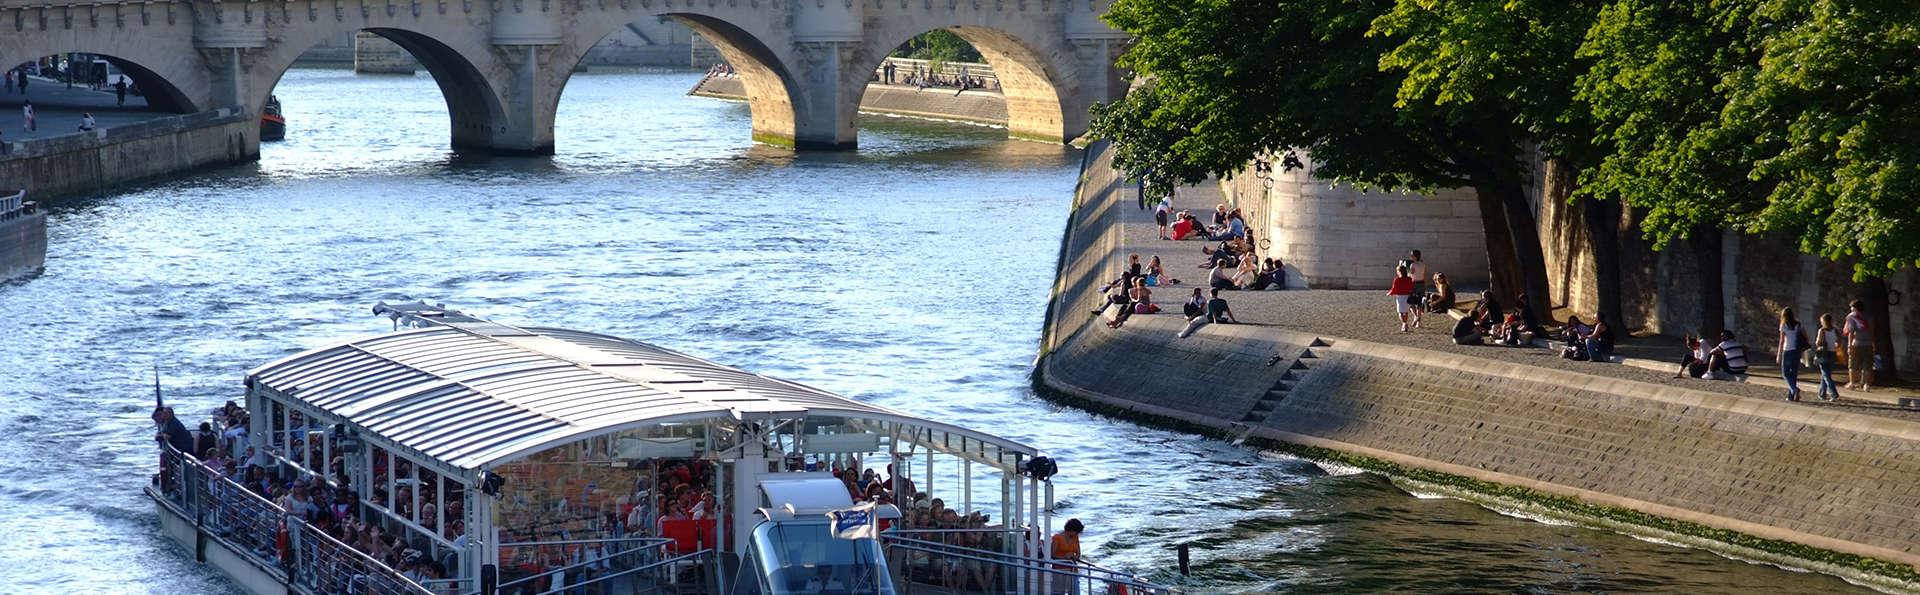 """Week-end découverte au coeur de Paris avec croisière en """"Bateaux-Mouches"""""""